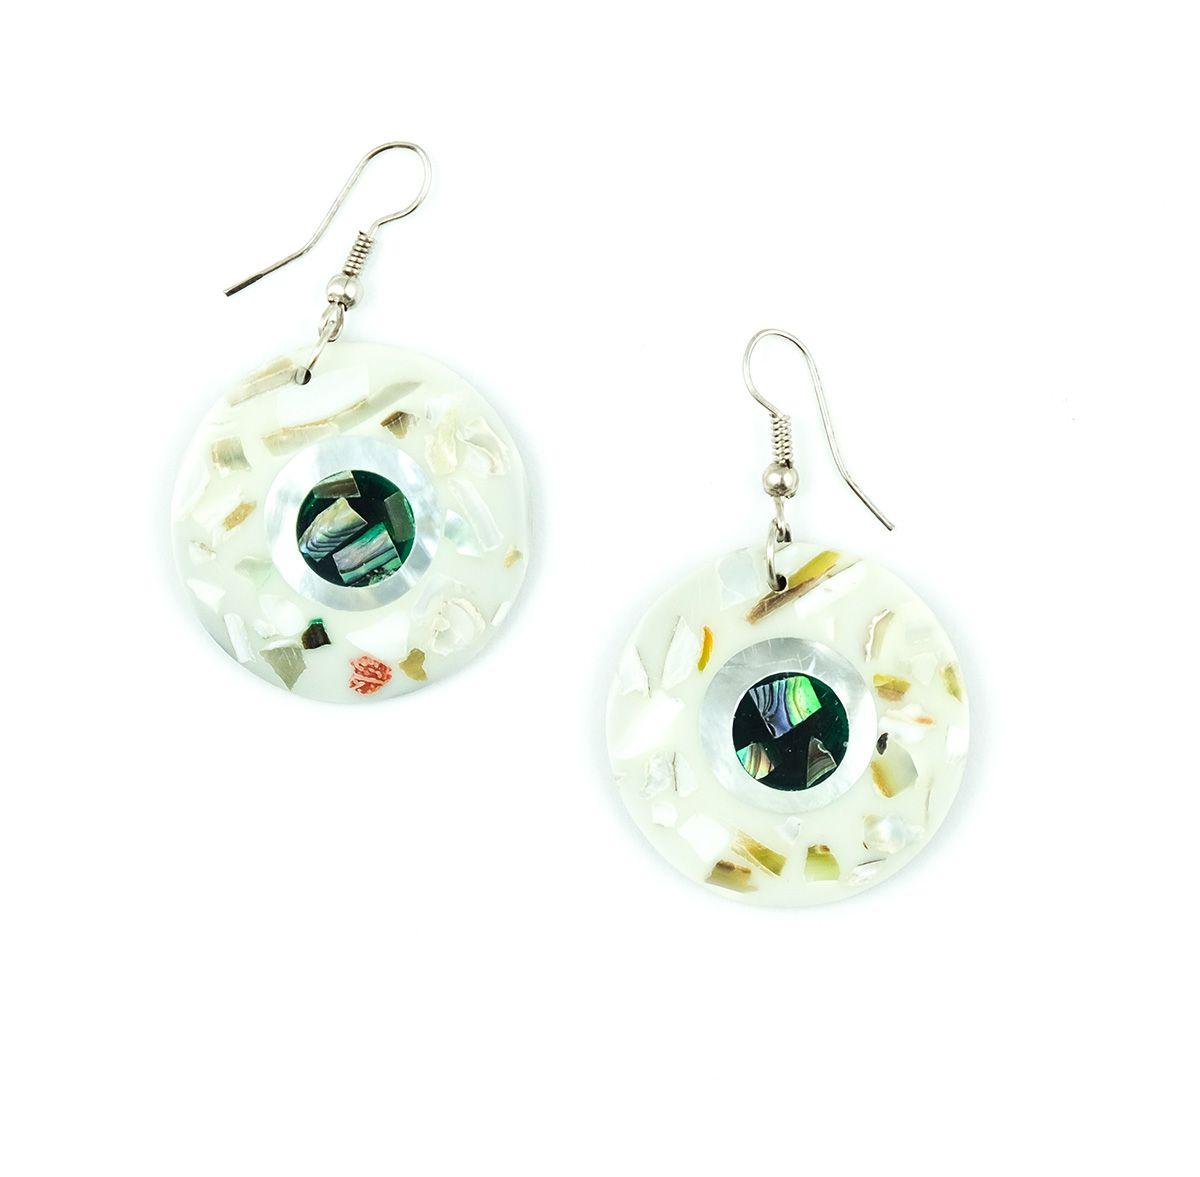 Náušnice - kombinace resin s perletí - IS0011-138